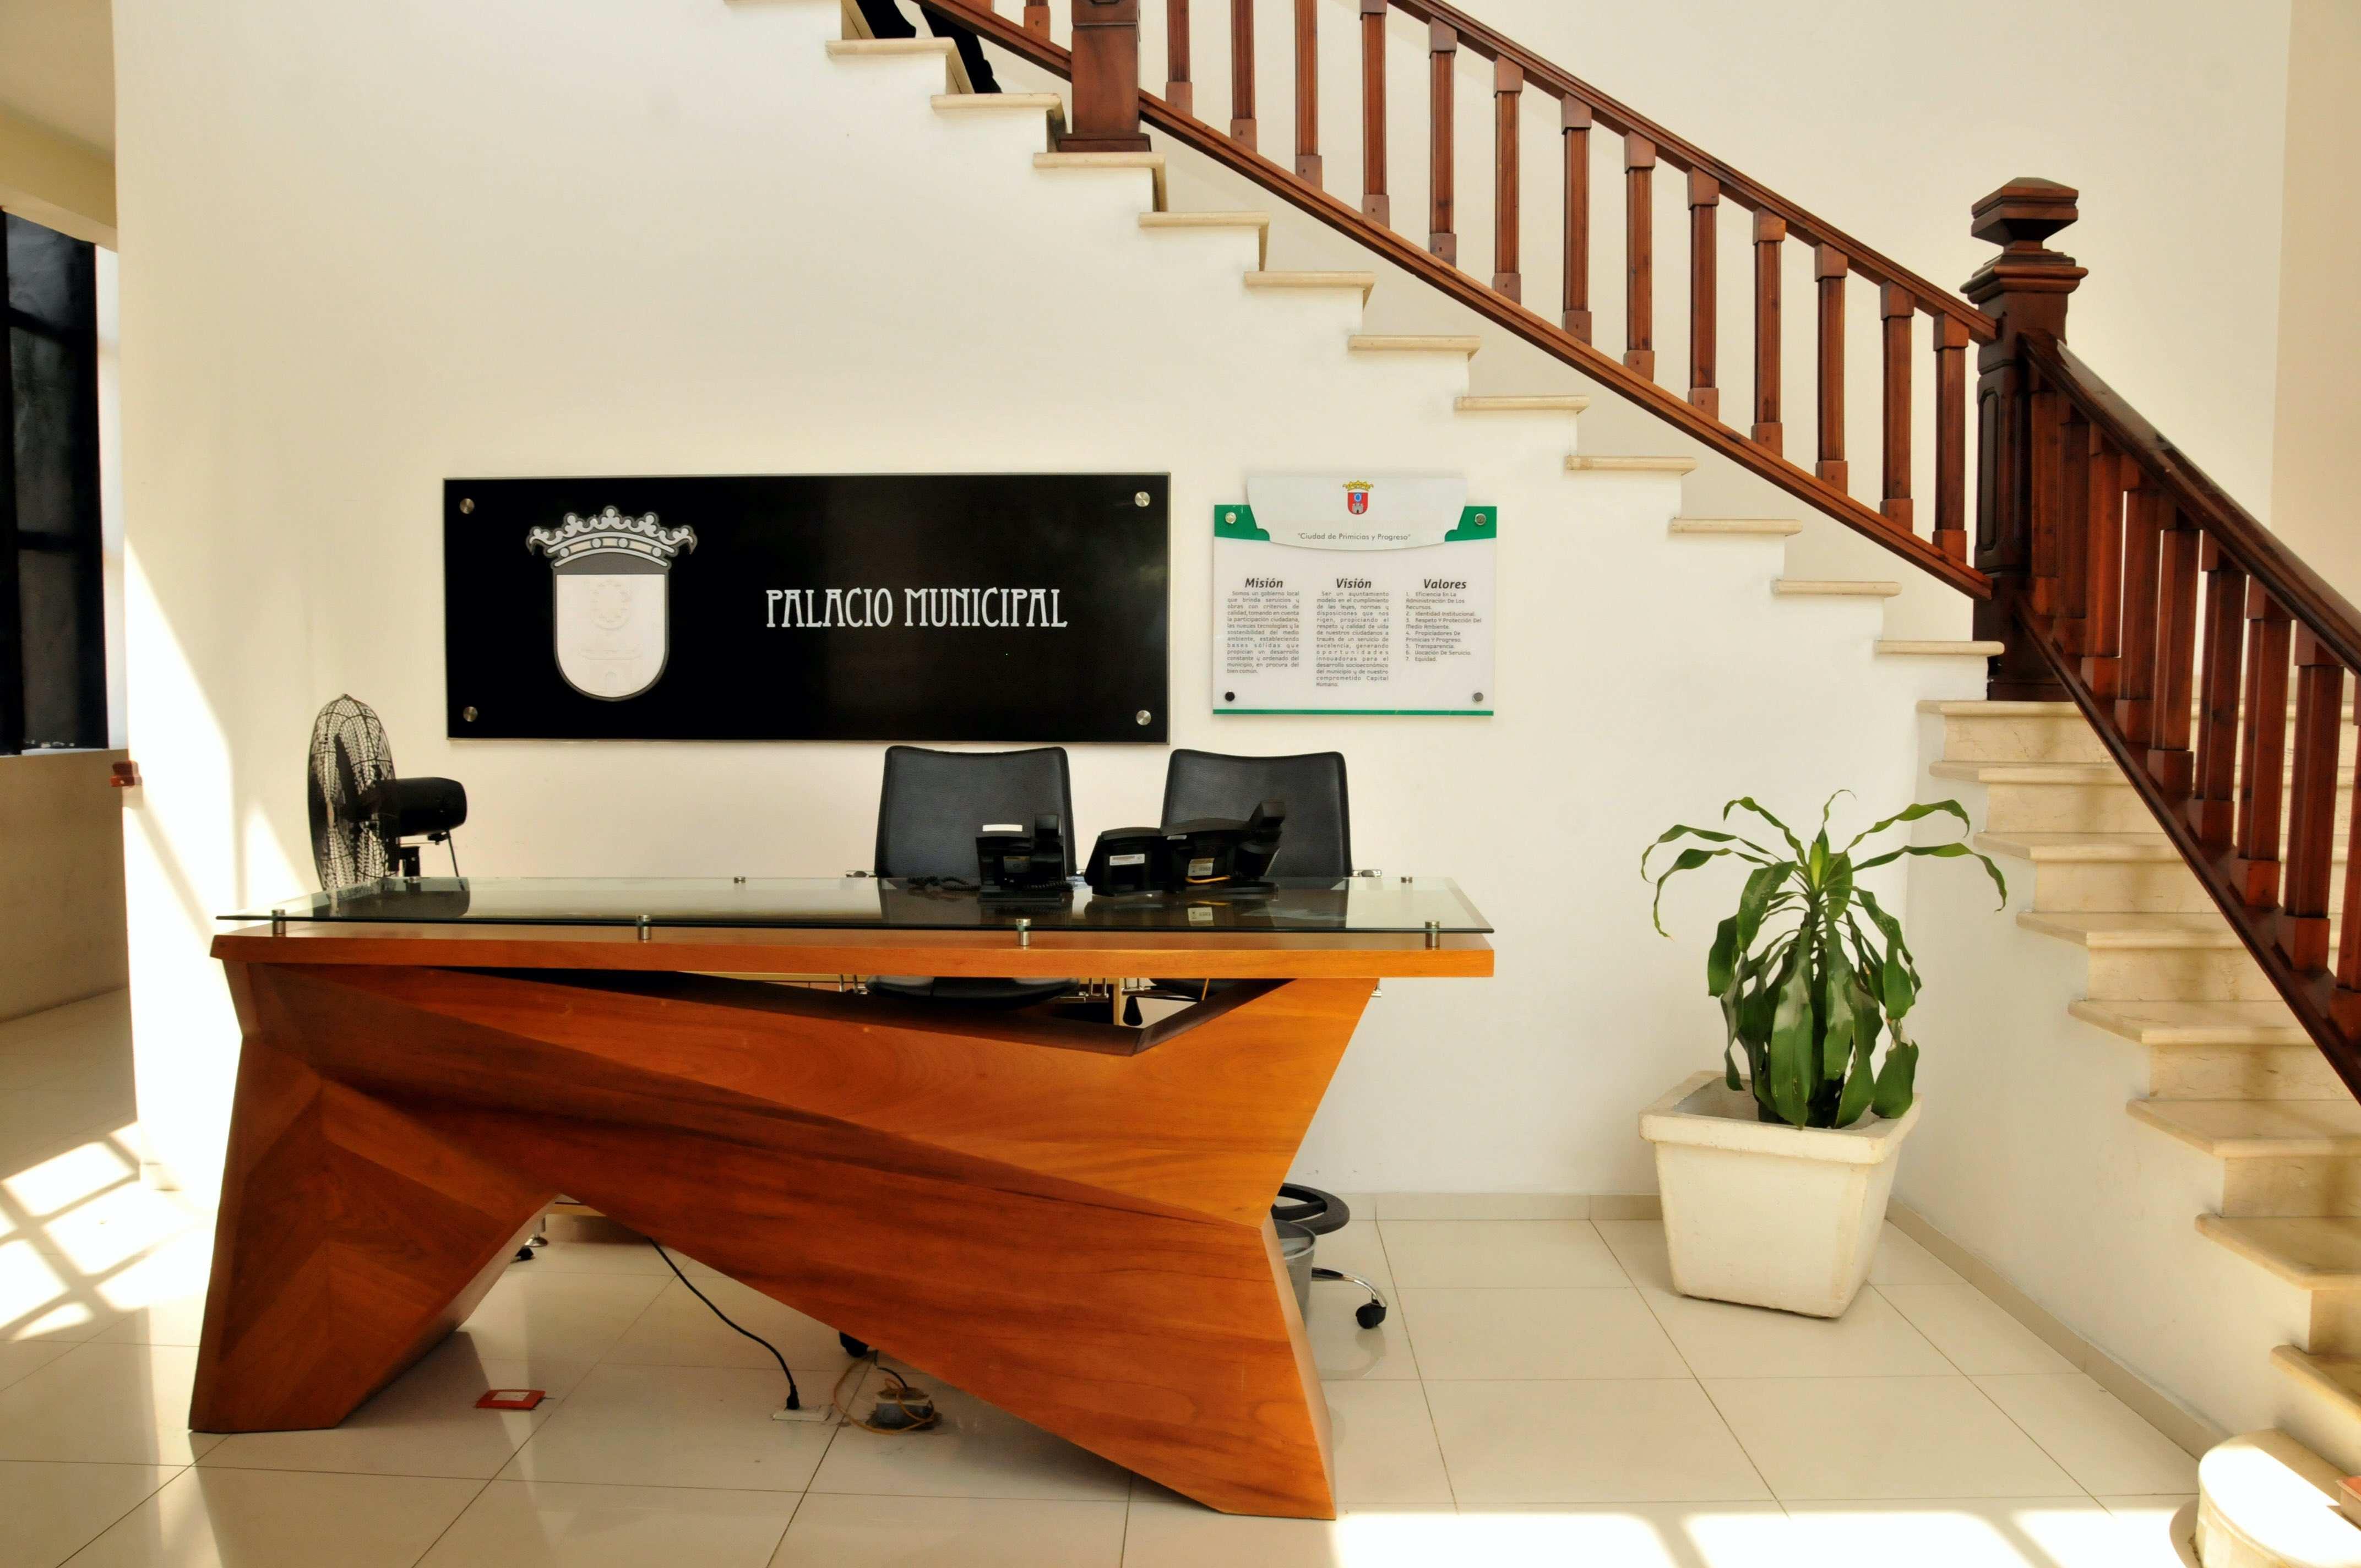 interiores011